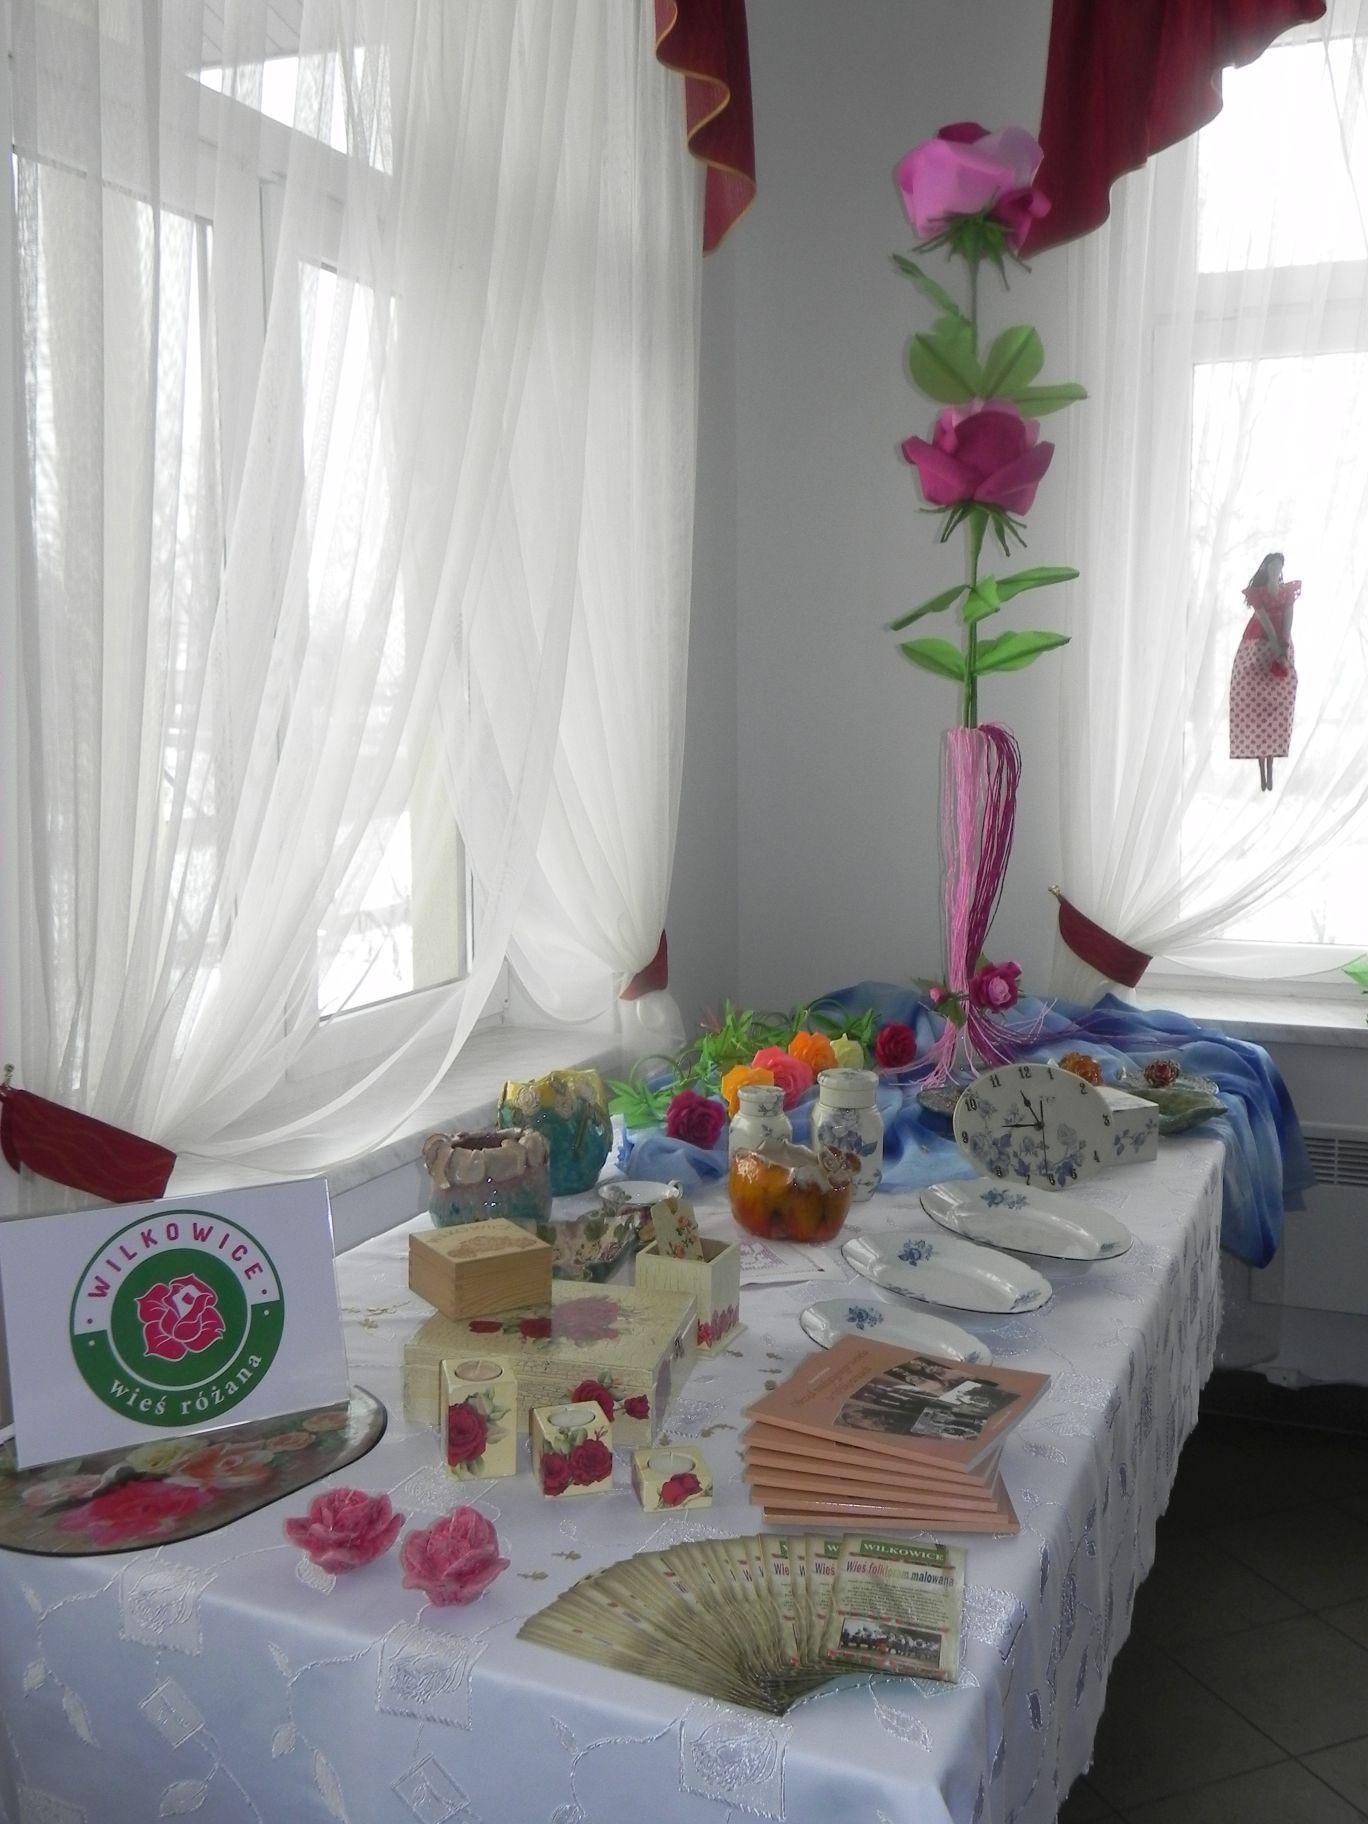 2012-12-14 Wilkowice - Konferencja Wioski tematyczne (15)